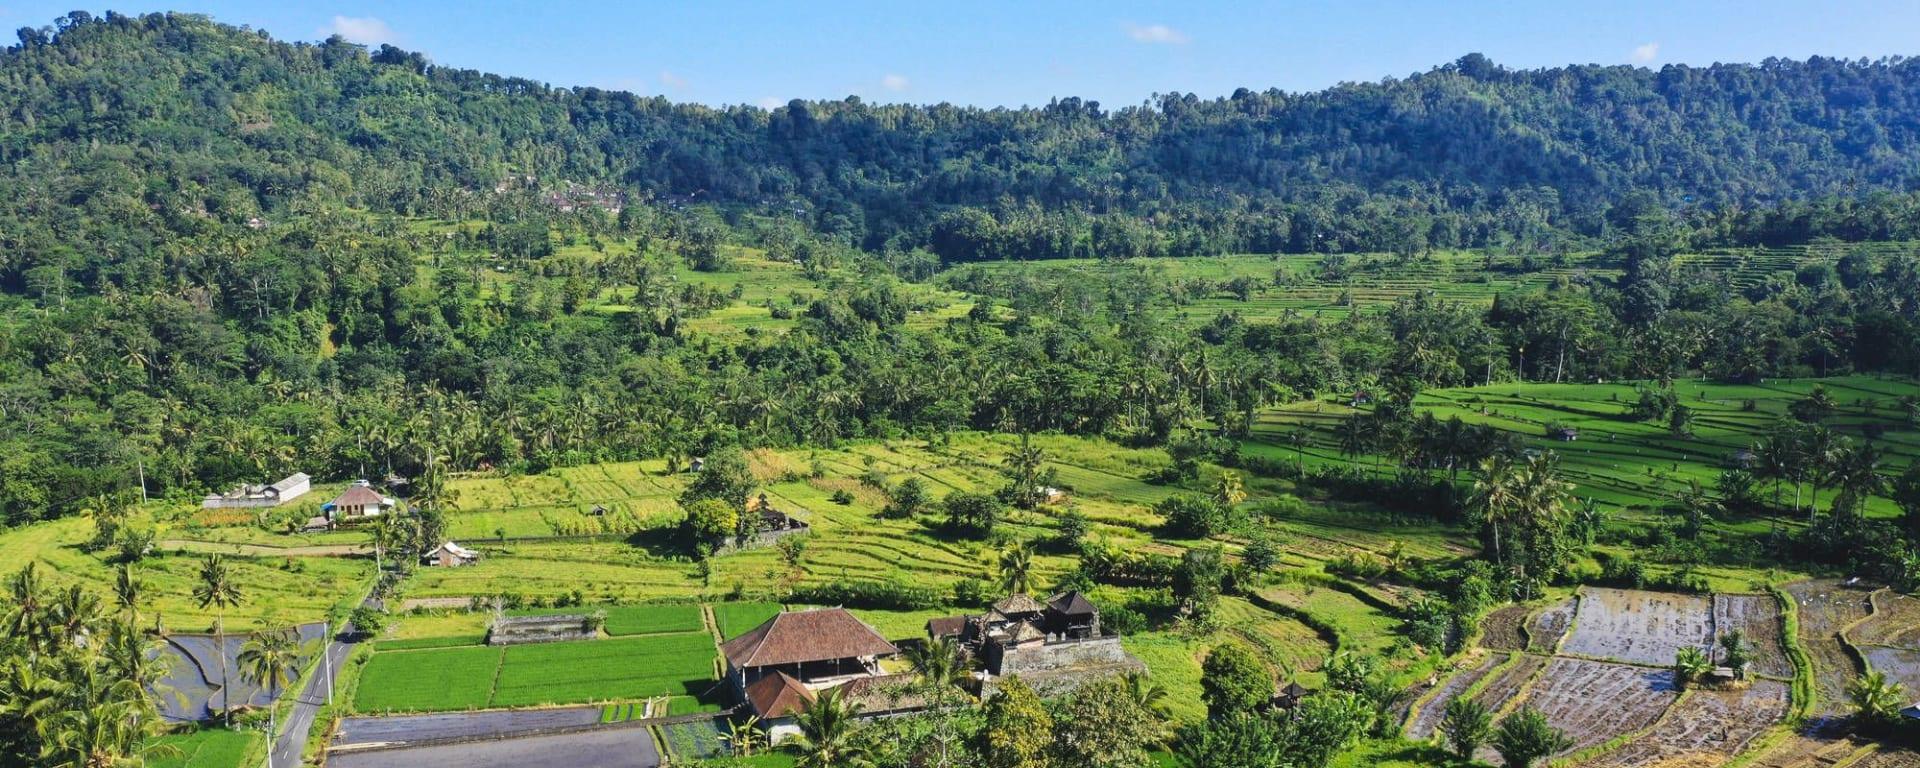 Nature et traditions à l'est de Bali de Sud de Bali: Bali View of beautiful rice fields at a cool resort of Sidemen Village